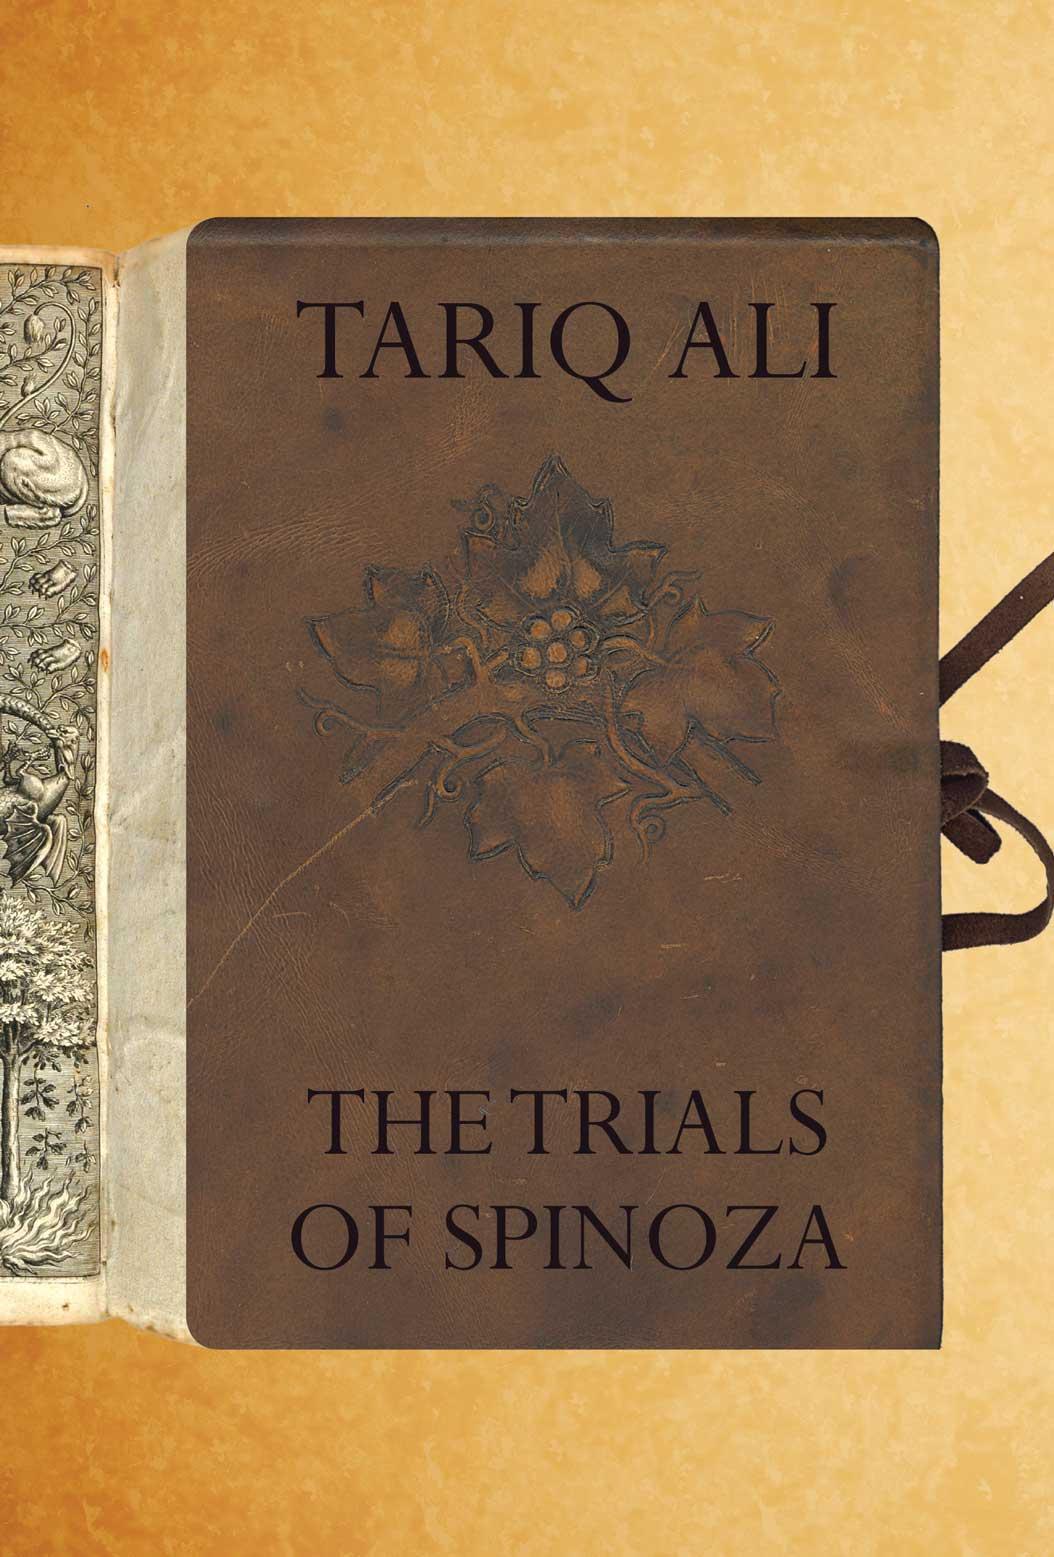 The Trials of Spinoza by Tariq Ali |  Seagull Books